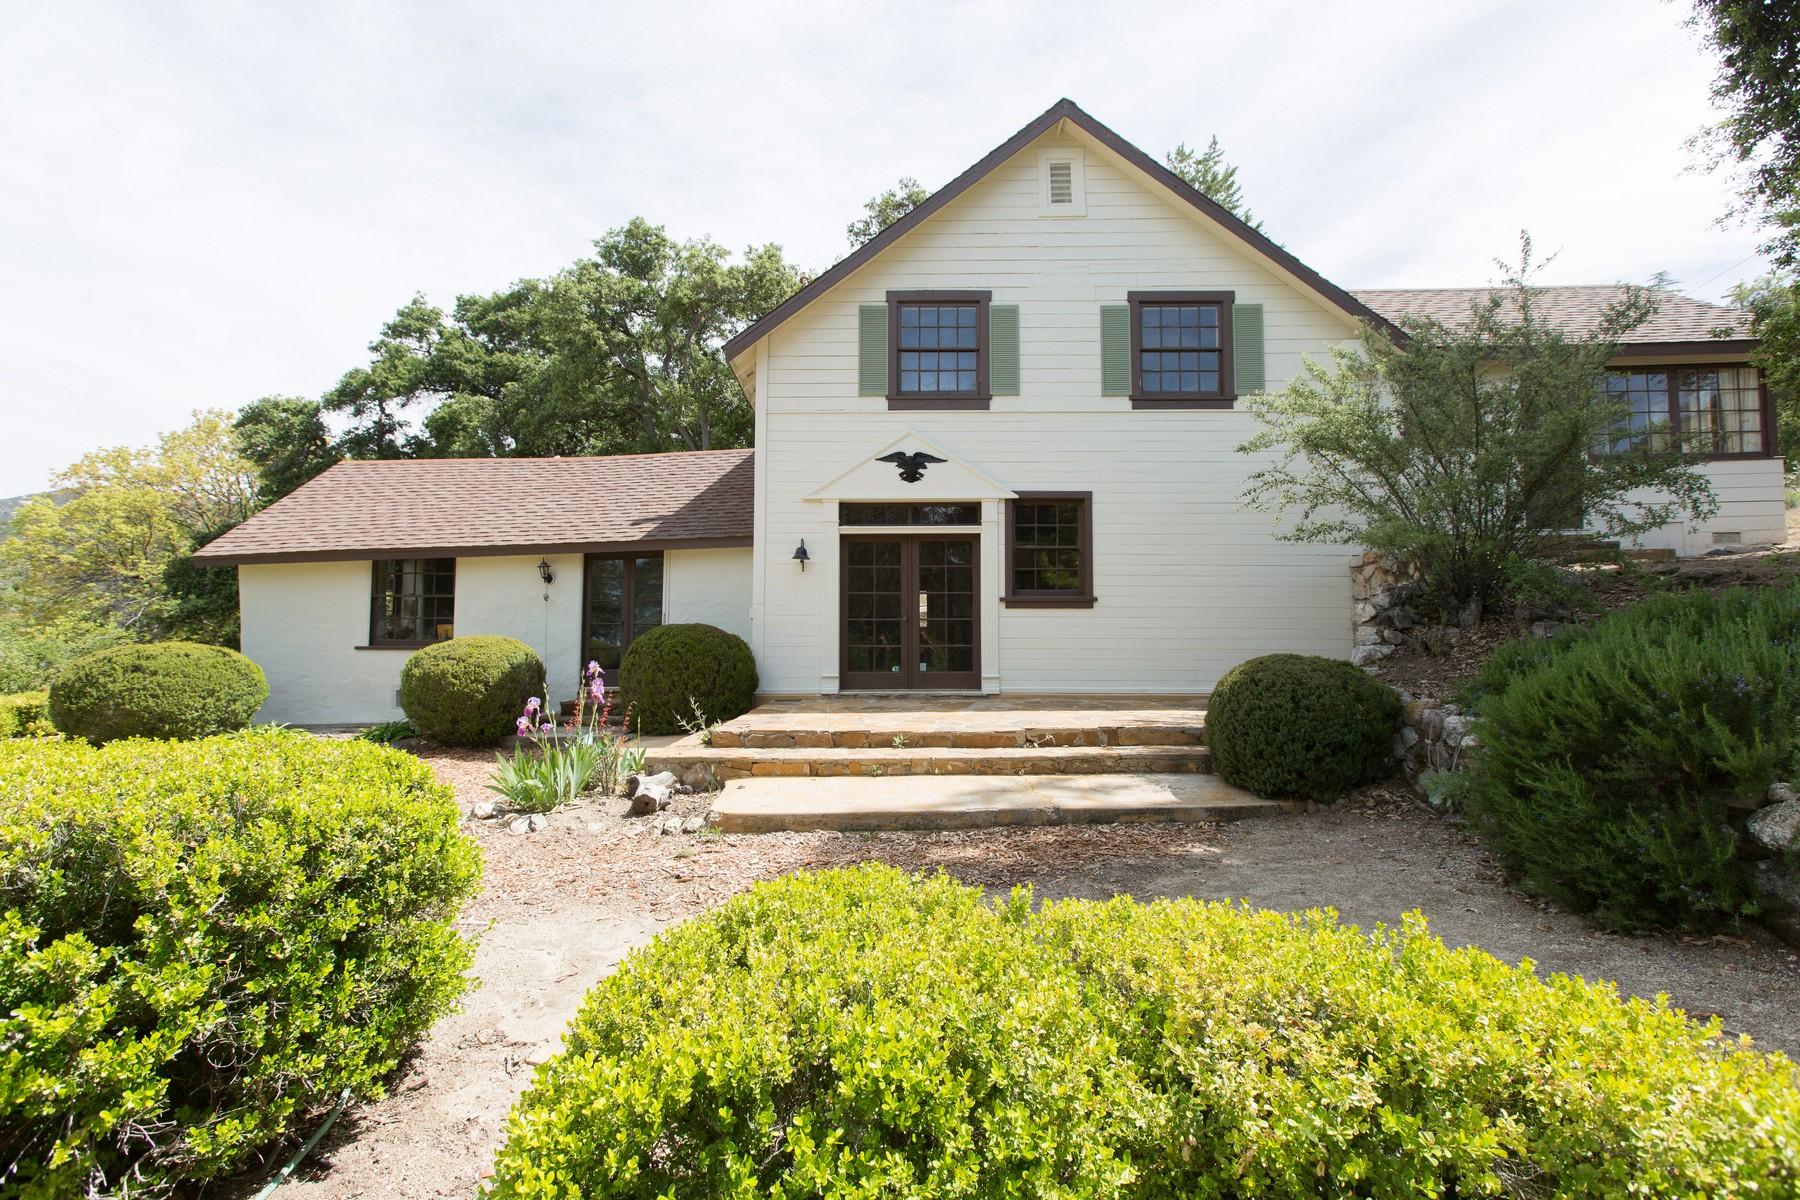 Maison unifamiliale pour l Vente à 32929 Camino Moro Warner Springs, Californie, 92086 États-Unis